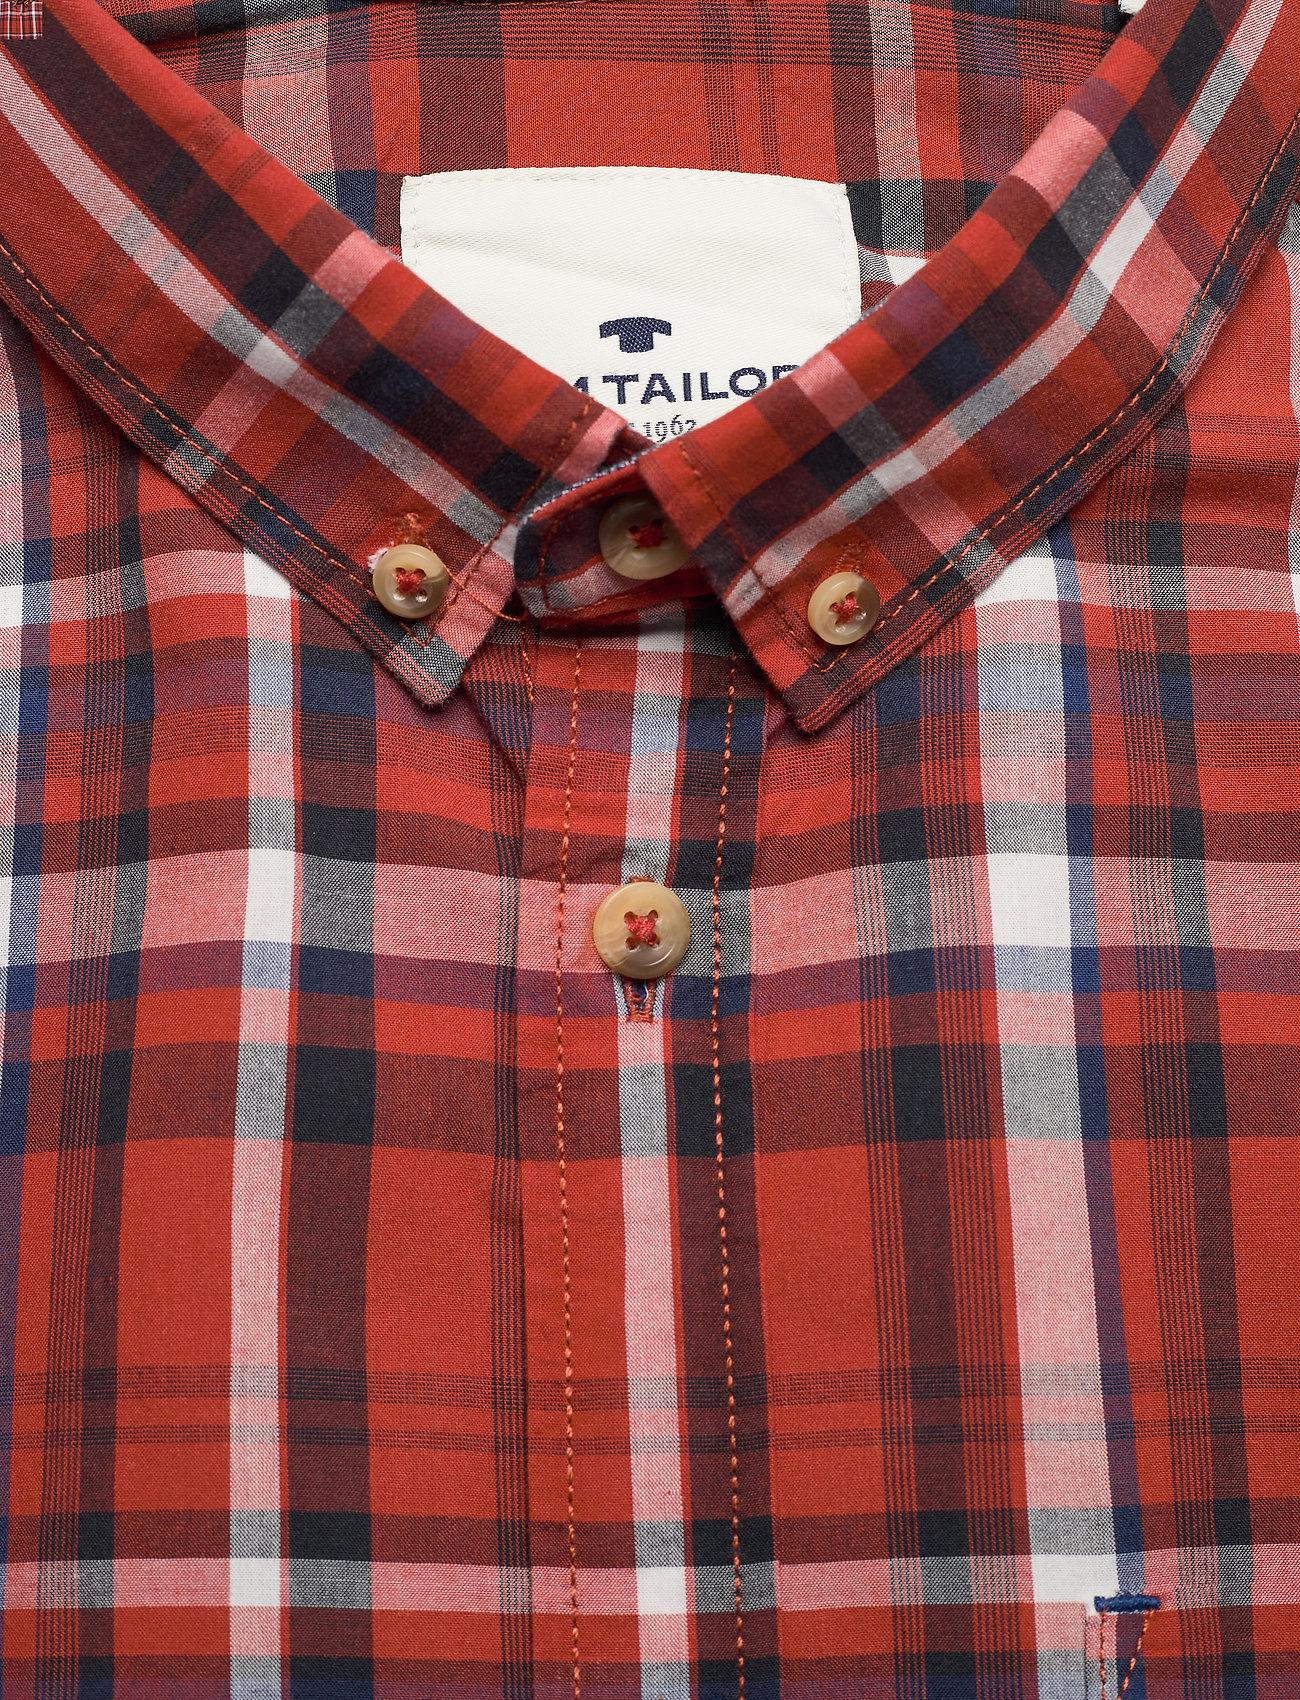 Tom Tailor regular colo - Skjorter ORANGE BASE MULTICOLOUR CHECK - Menn Klær